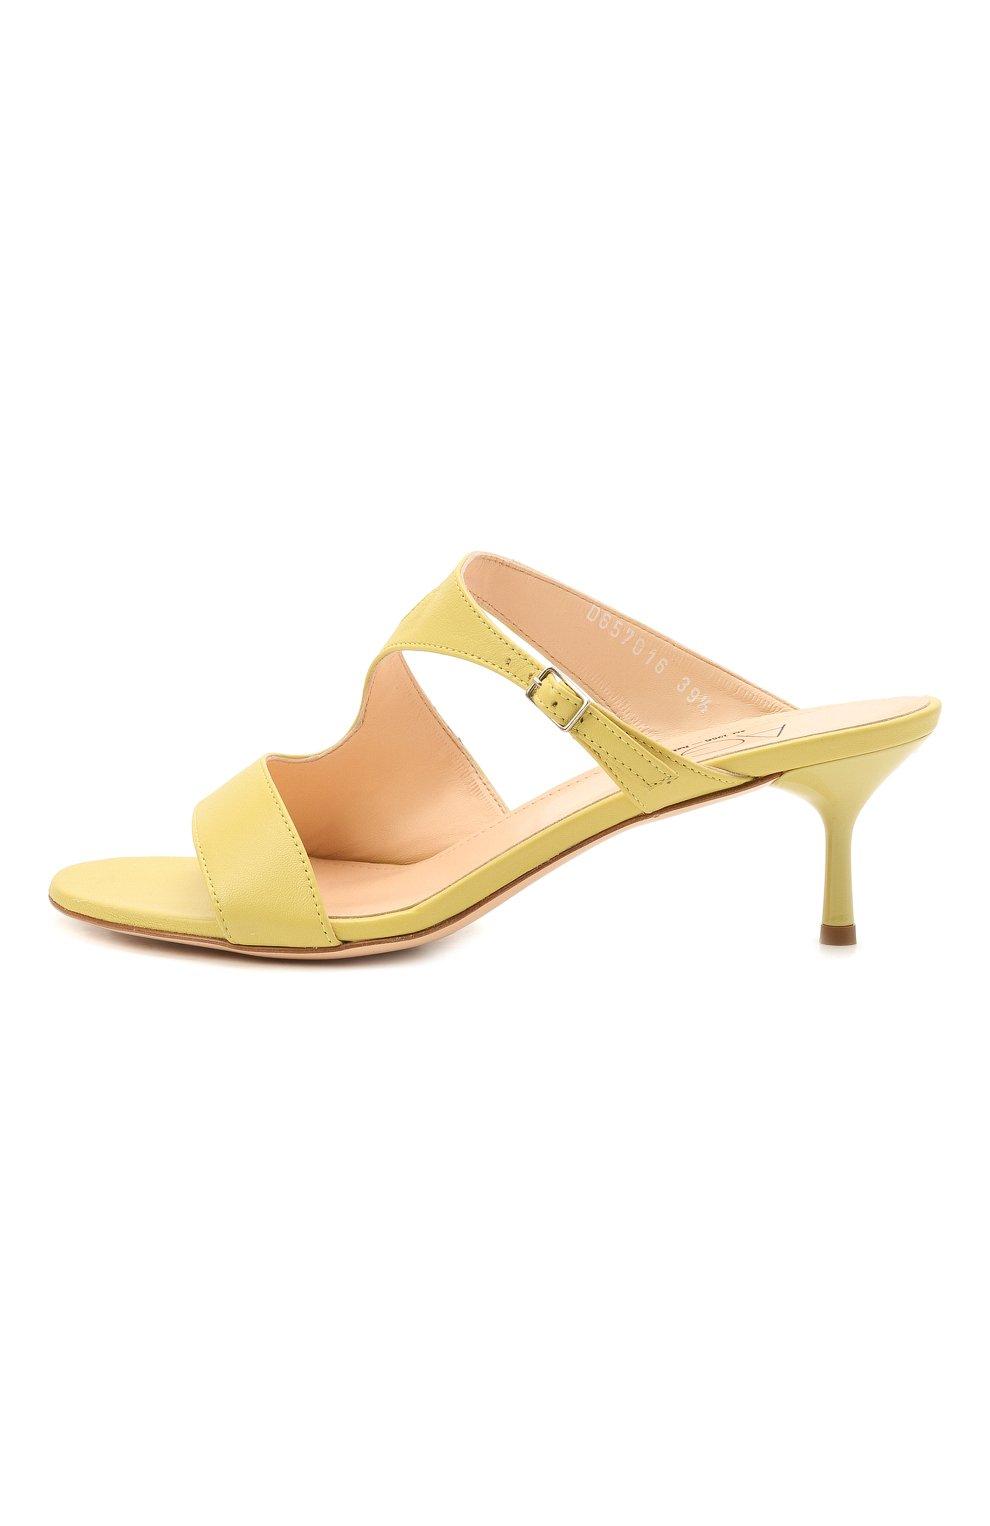 Женские кожаные мюли AGL желтого цвета, арт. D657016PCKH002E330 | Фото 3 (Каблук высота: Низкий; Материал внутренний: Натуральная кожа; Каблук тип: Шпилька; Подошва: Плоская)